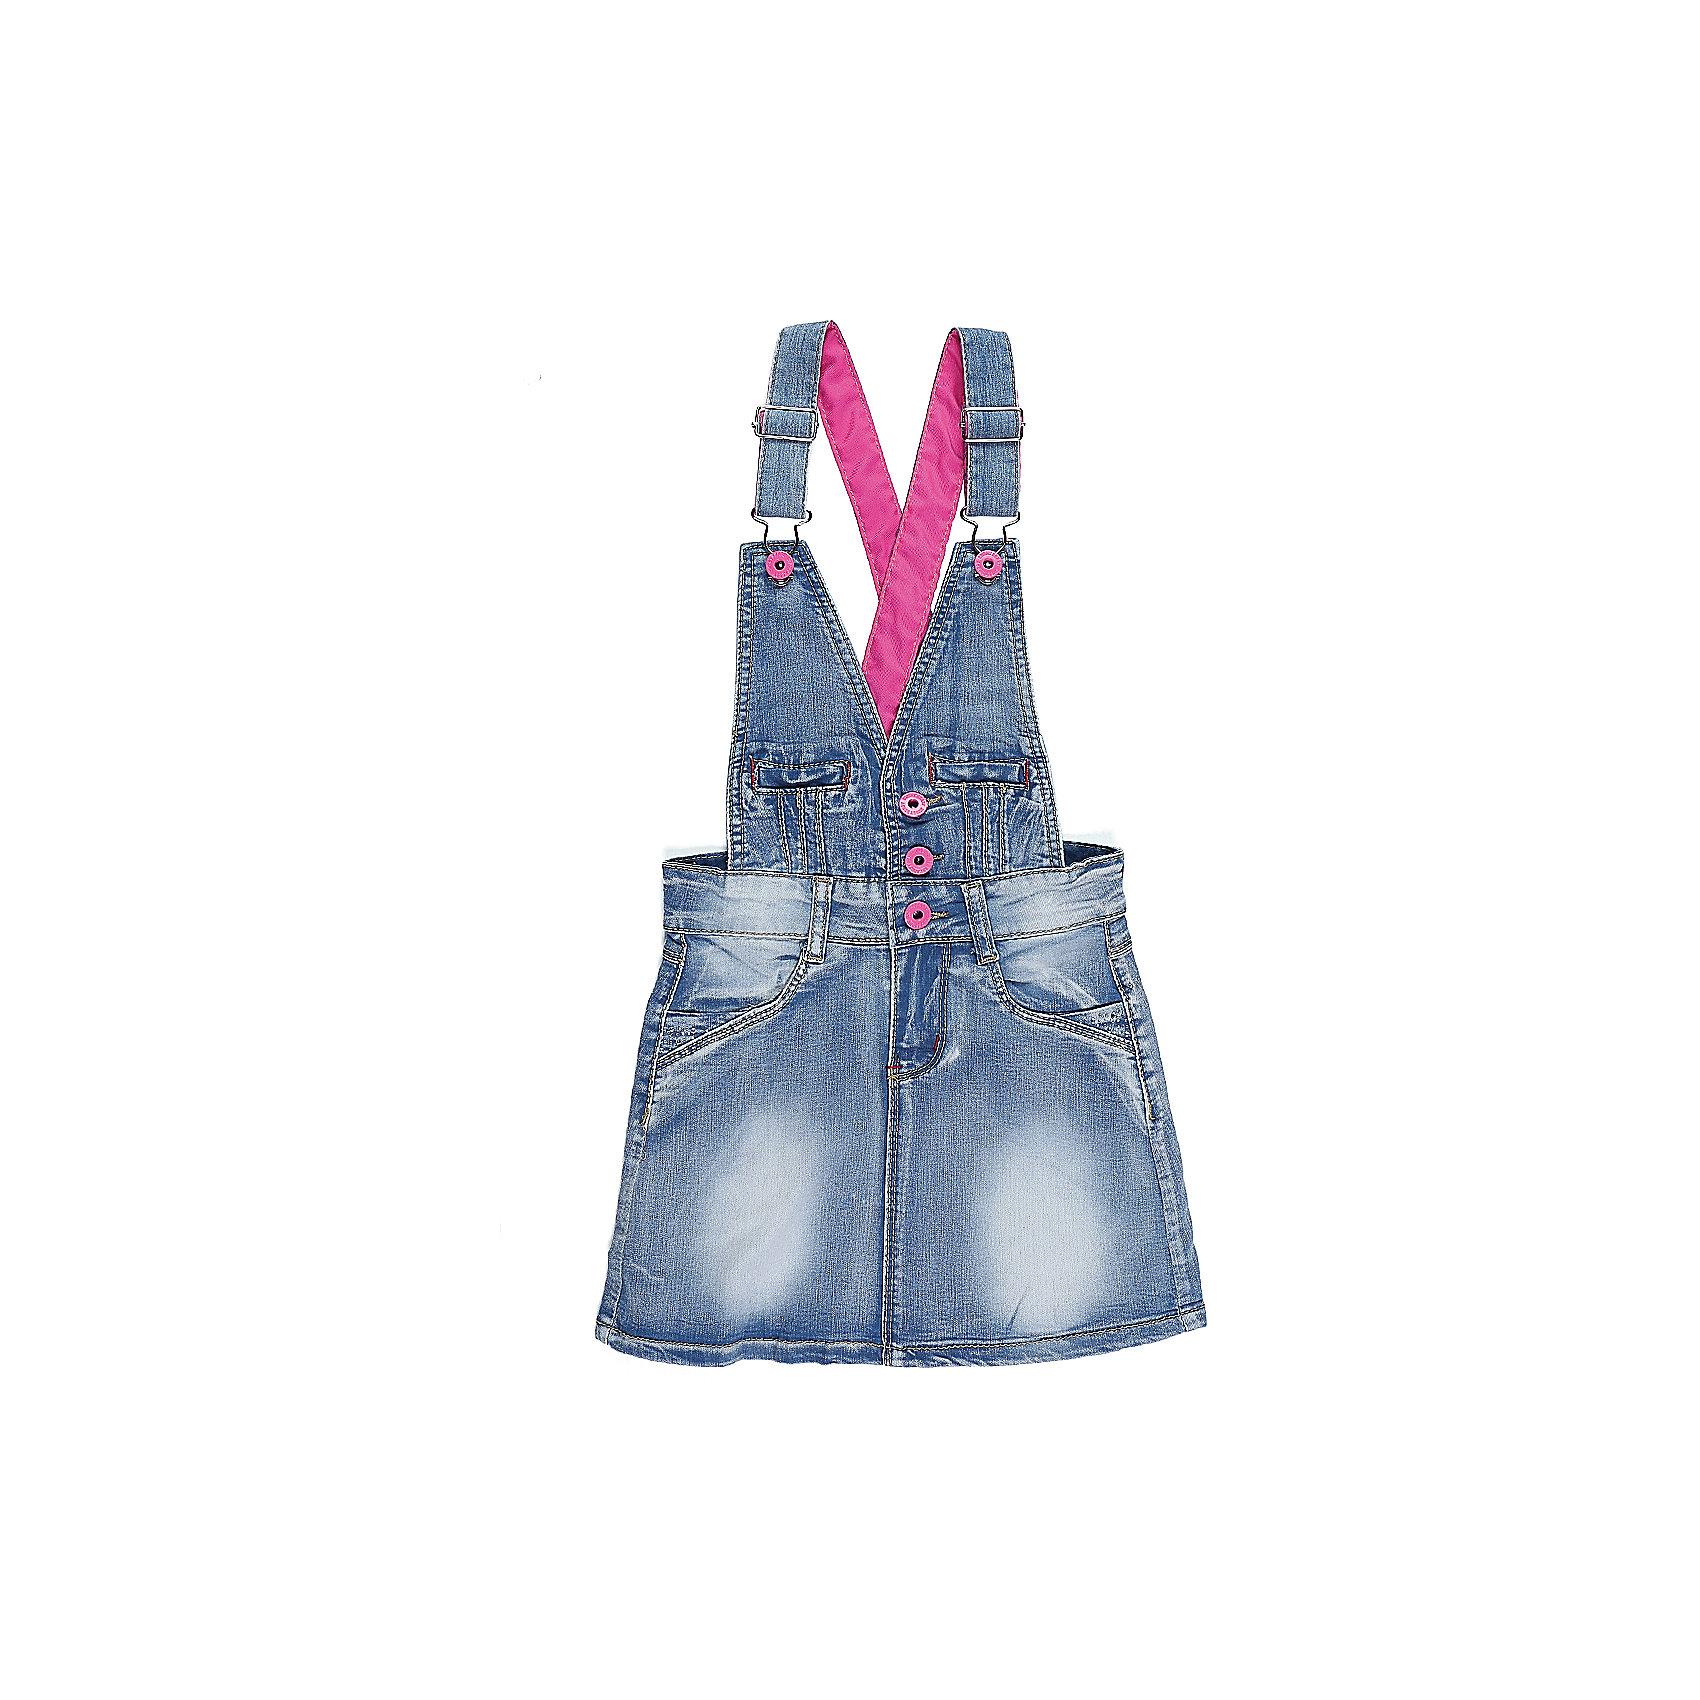 Сарафан джинсовый для девочки Sweet BerryДжинсовая одежда<br>Модный джинсовый сарафан для девочки.  Декорирован яркими стильными пуговицами и контрастными лямками. Два боковых кармана. Регулируемые бретели.<br>Состав:<br>98%хлопок 2%эластан<br><br>Ширина мм: 236<br>Глубина мм: 16<br>Высота мм: 184<br>Вес г: 177<br>Цвет: синий<br>Возраст от месяцев: 36<br>Возраст до месяцев: 48<br>Пол: Женский<br>Возраст: Детский<br>Размер: 104,98,110,116,122,128<br>SKU: 5412527